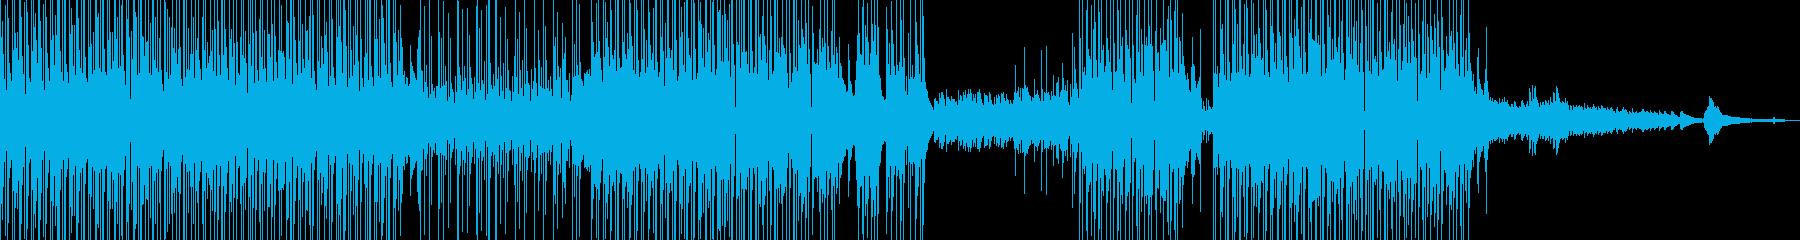 ギター・涼しげなポップス 打楽器・短尺★の再生済みの波形